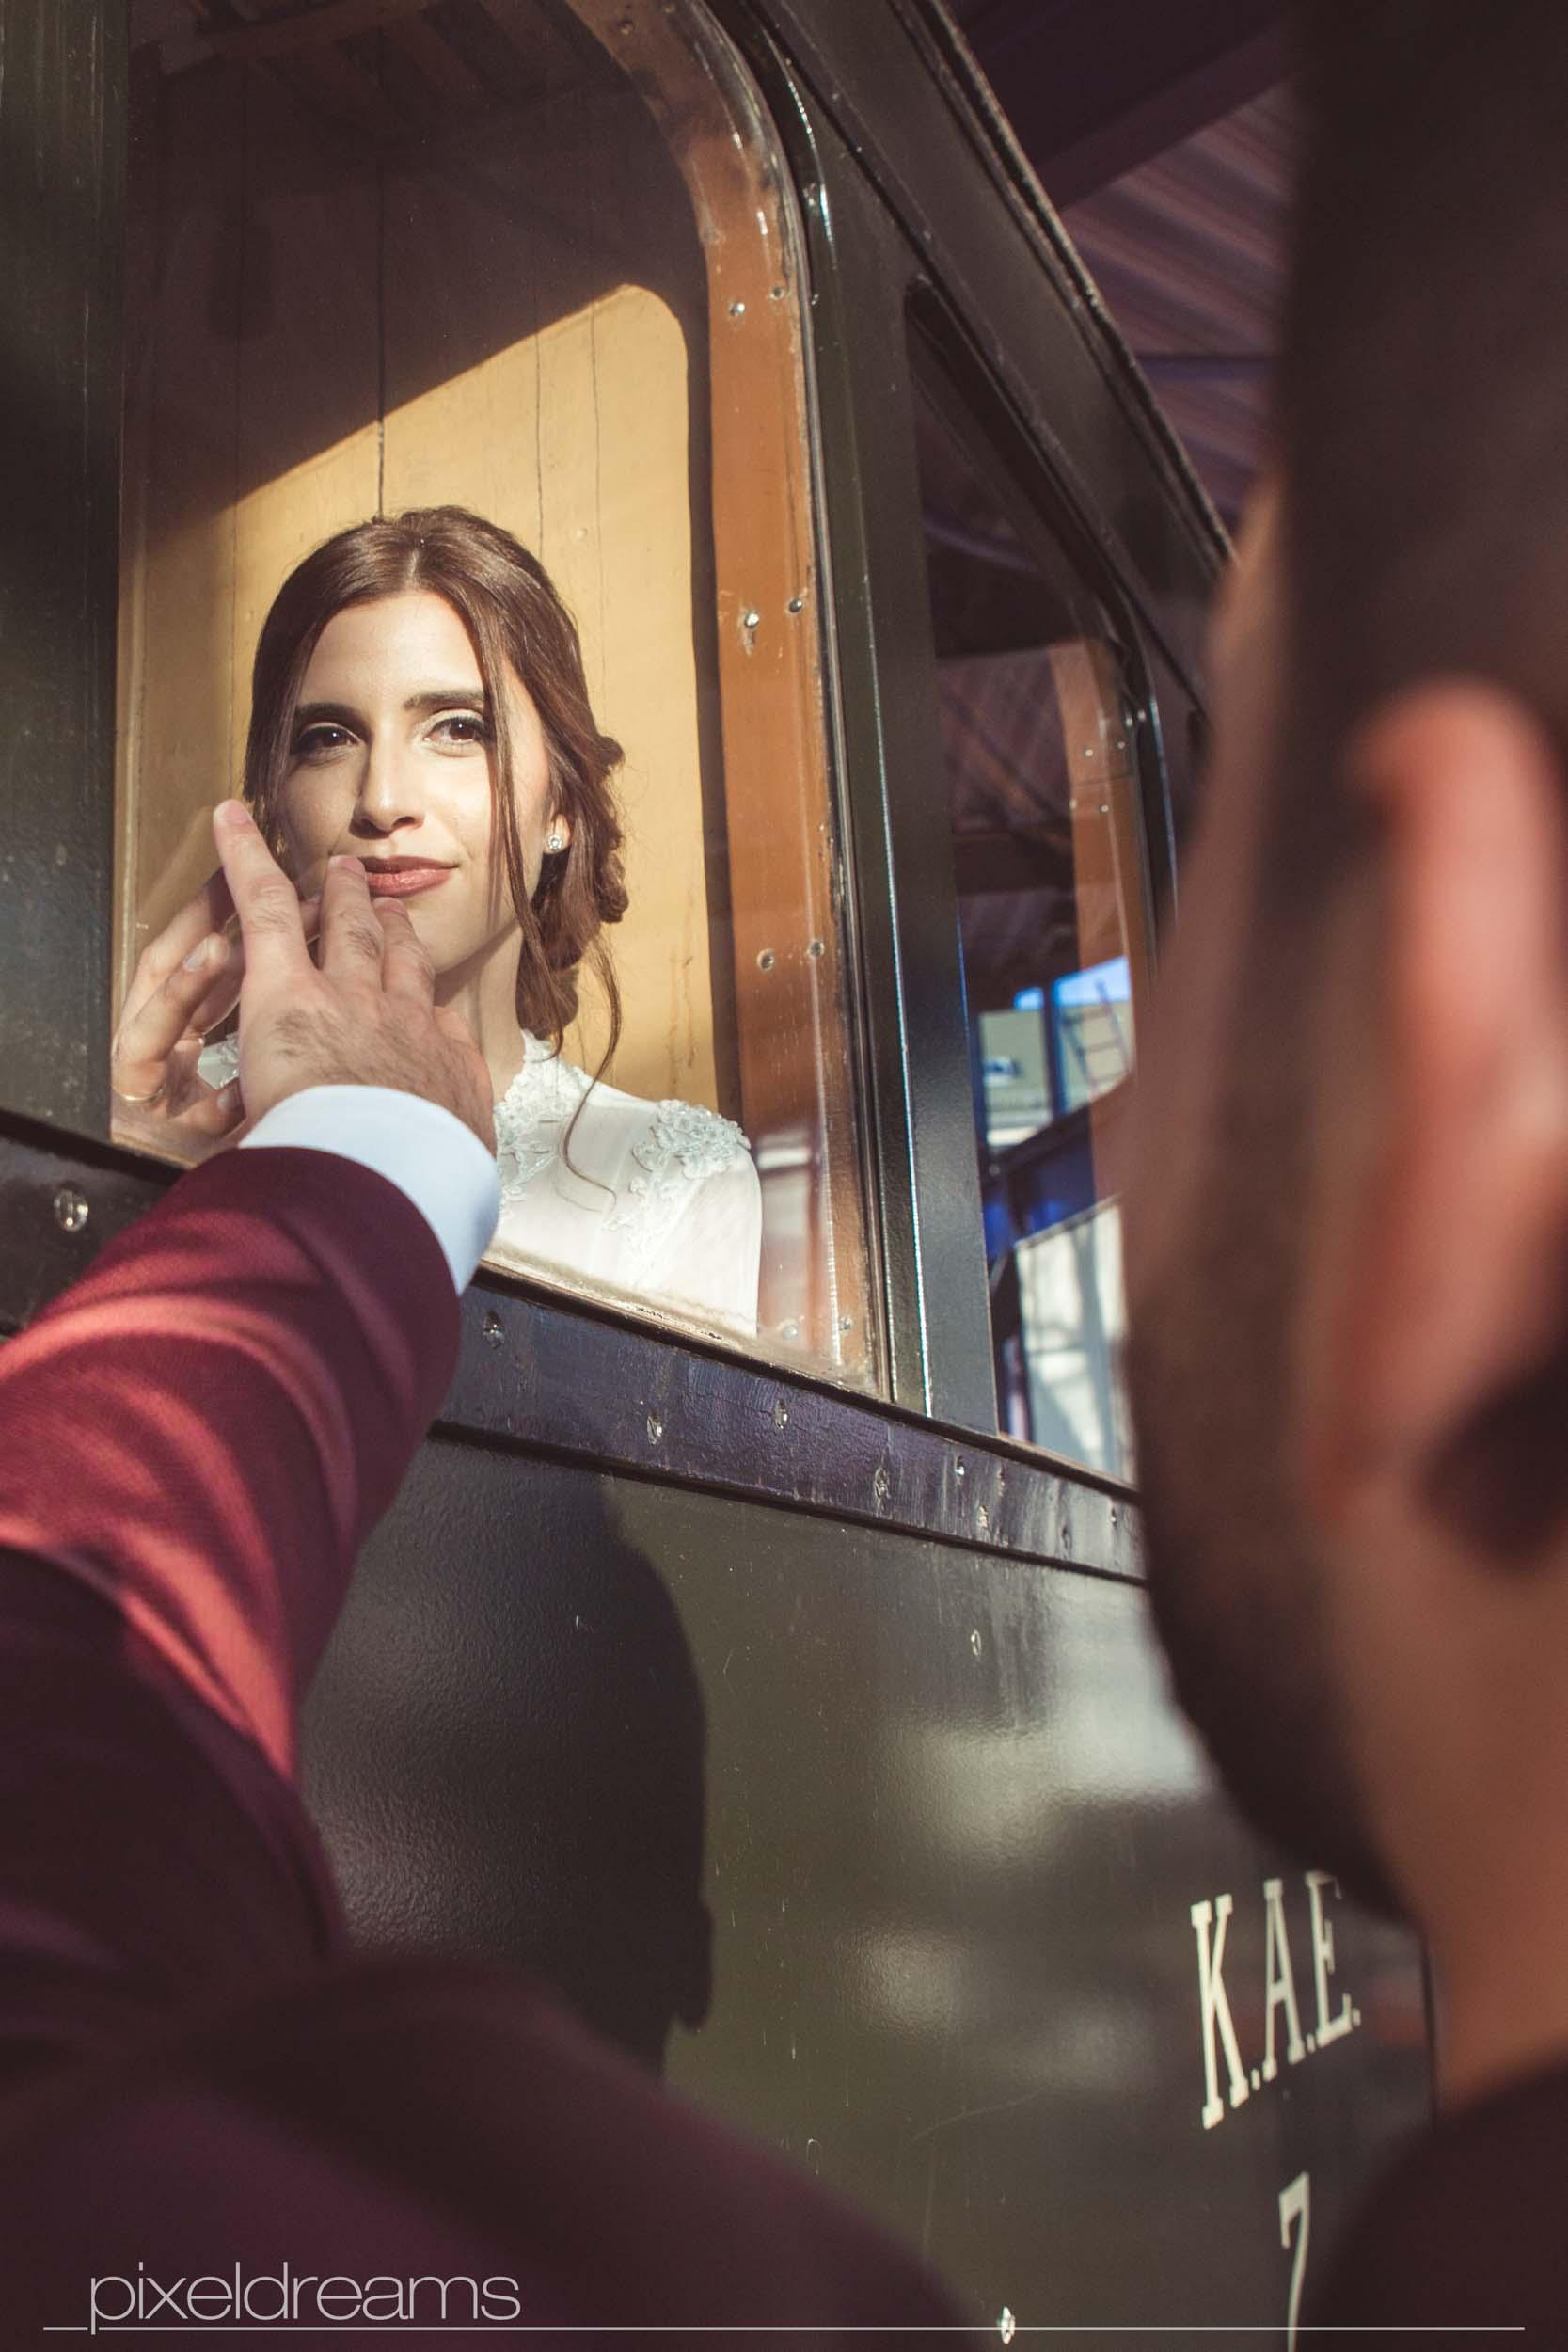 standesamt fotograf fotoshooting Luedenscheid Brautpaar liebe hochzeitsfotograf Geschichtsmuseum der Stadt Lüdenscheid Lokomotive hochzeitsfotos